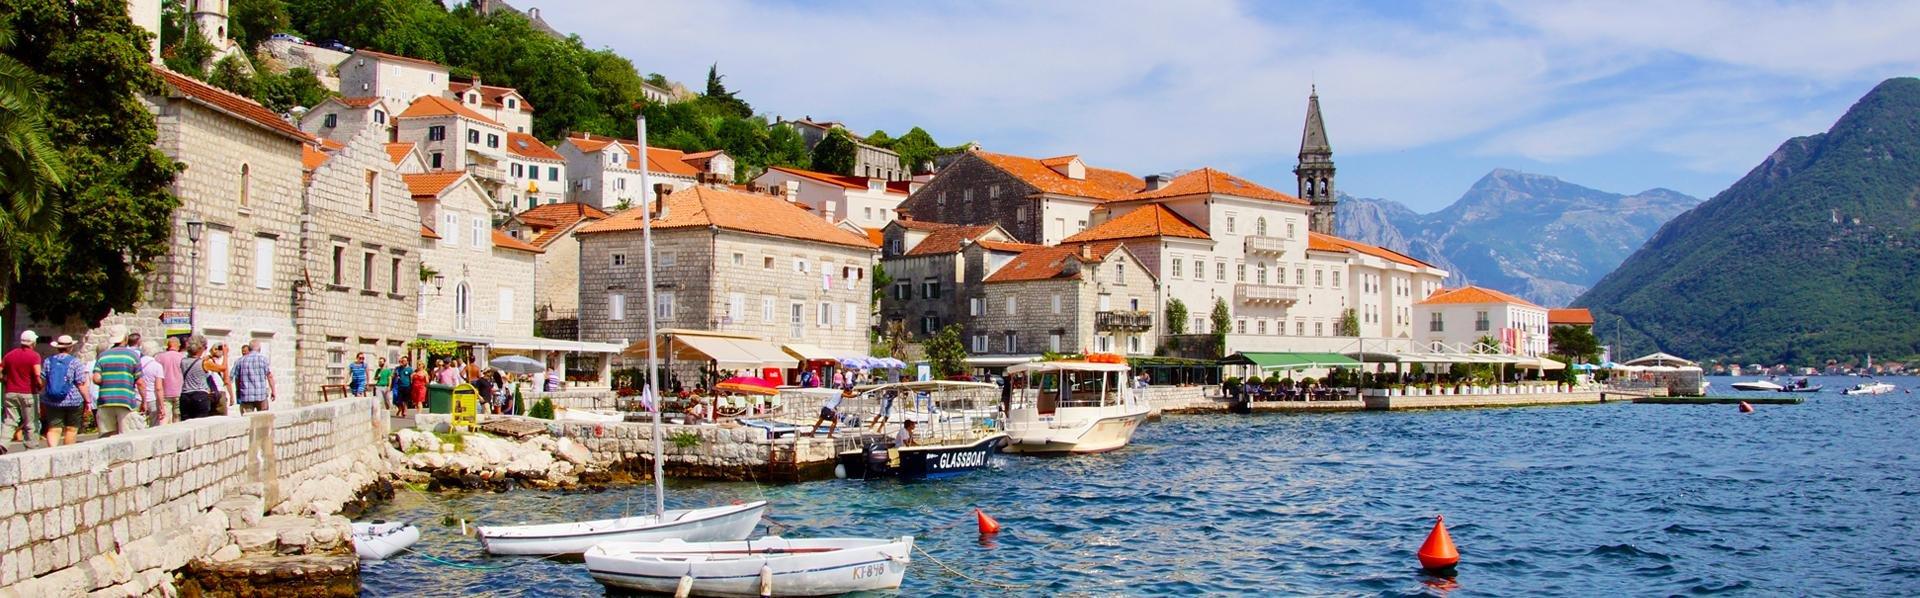 Perast, Montenegro - Foto Peter van de Wiel